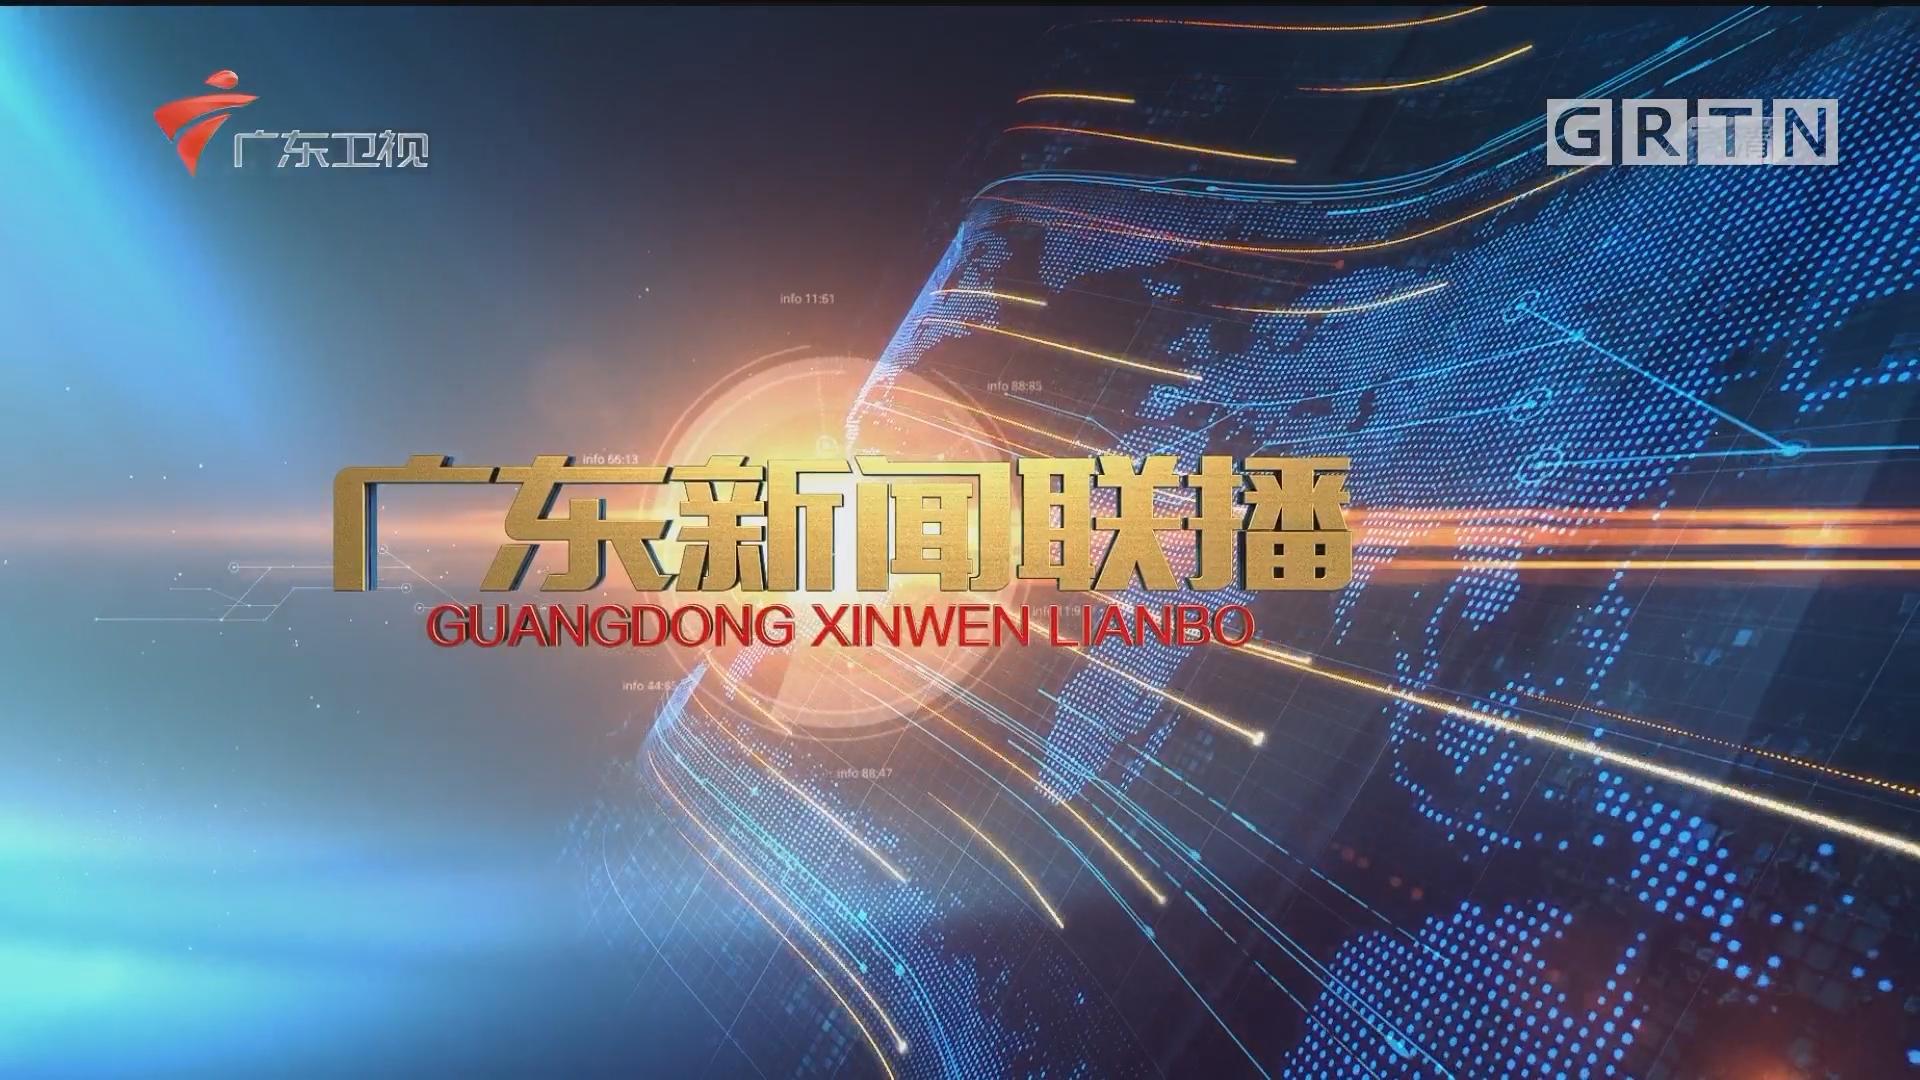 [HD][2018-01-19]广东新闻联播:深圳:提升原始创新能力 补齐创新短板